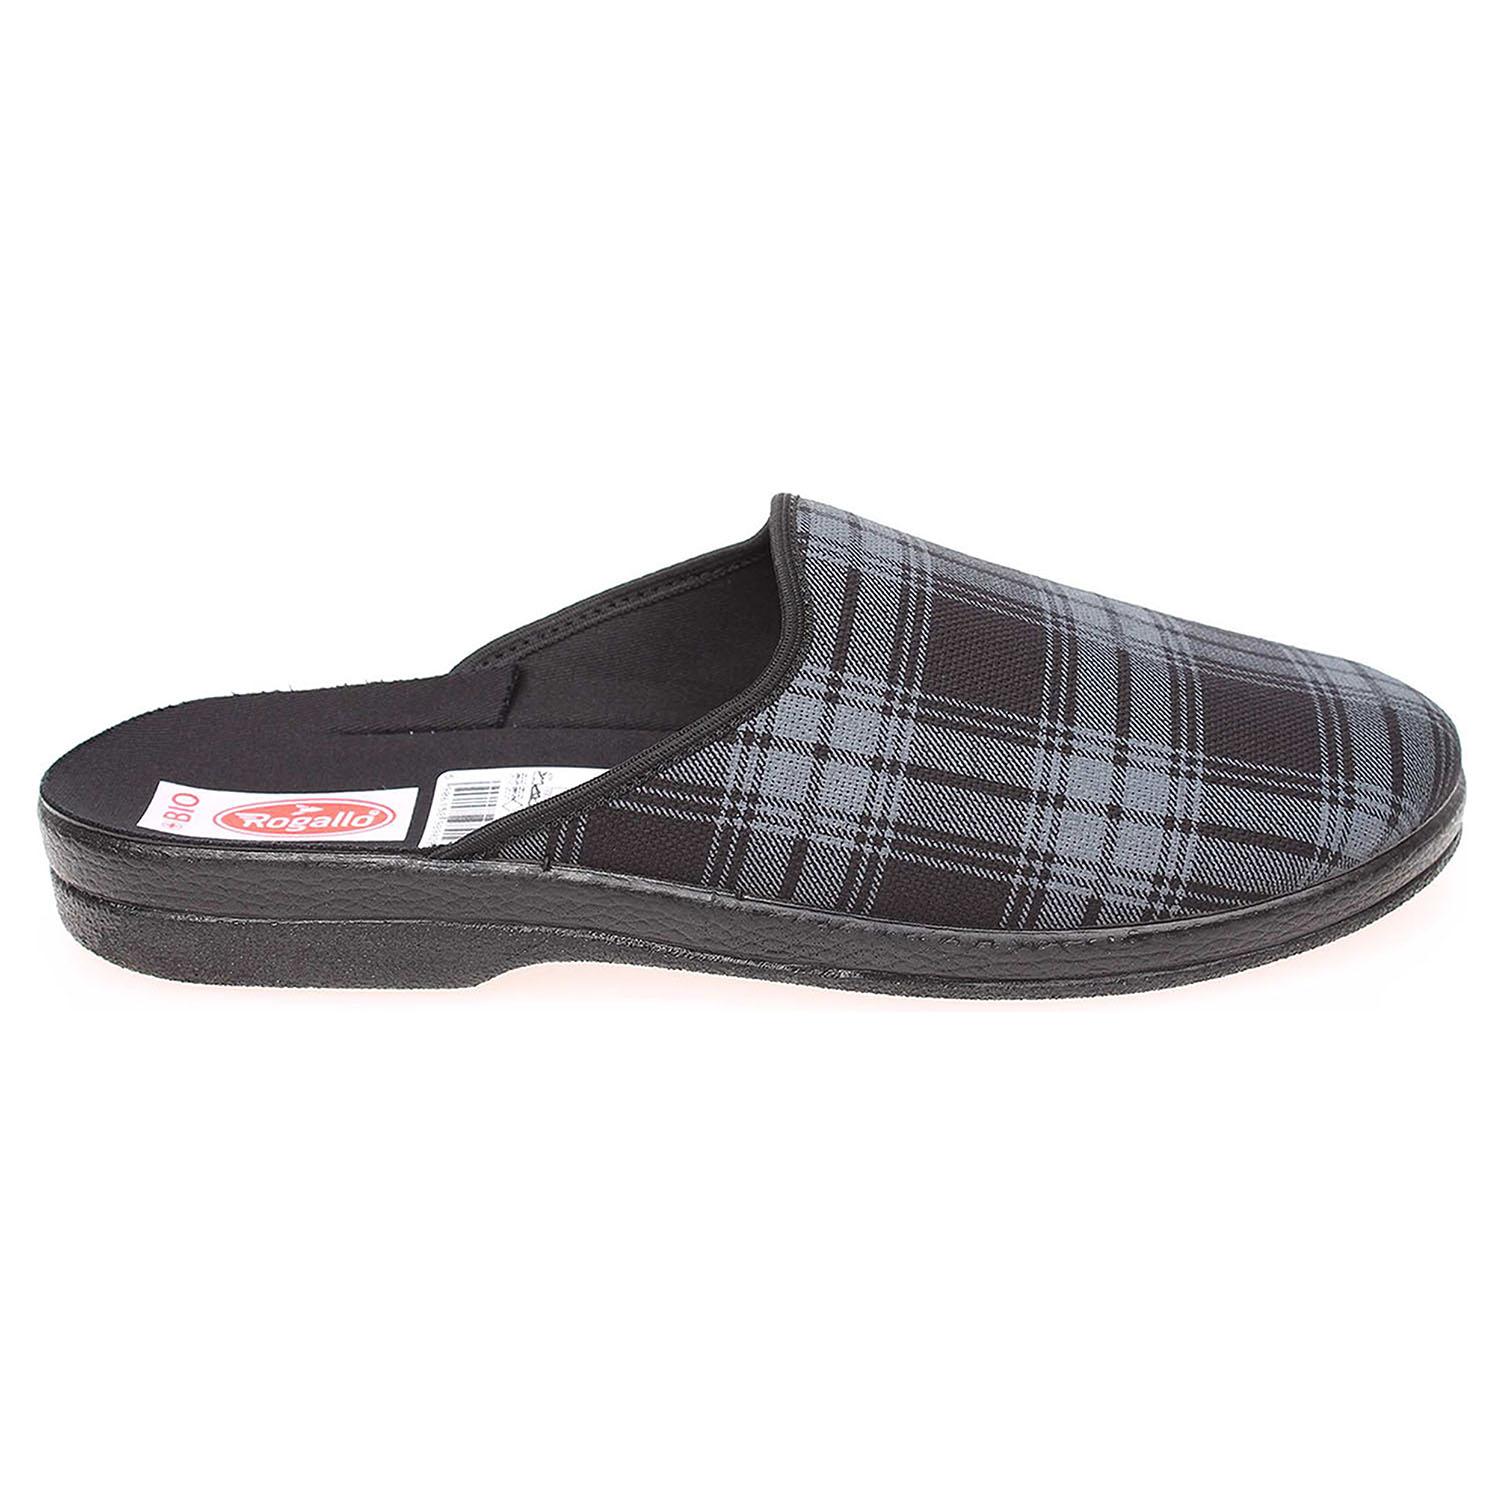 Ecco Rogallo pánské domácí pantofle 18902 černá-šedá 24800193